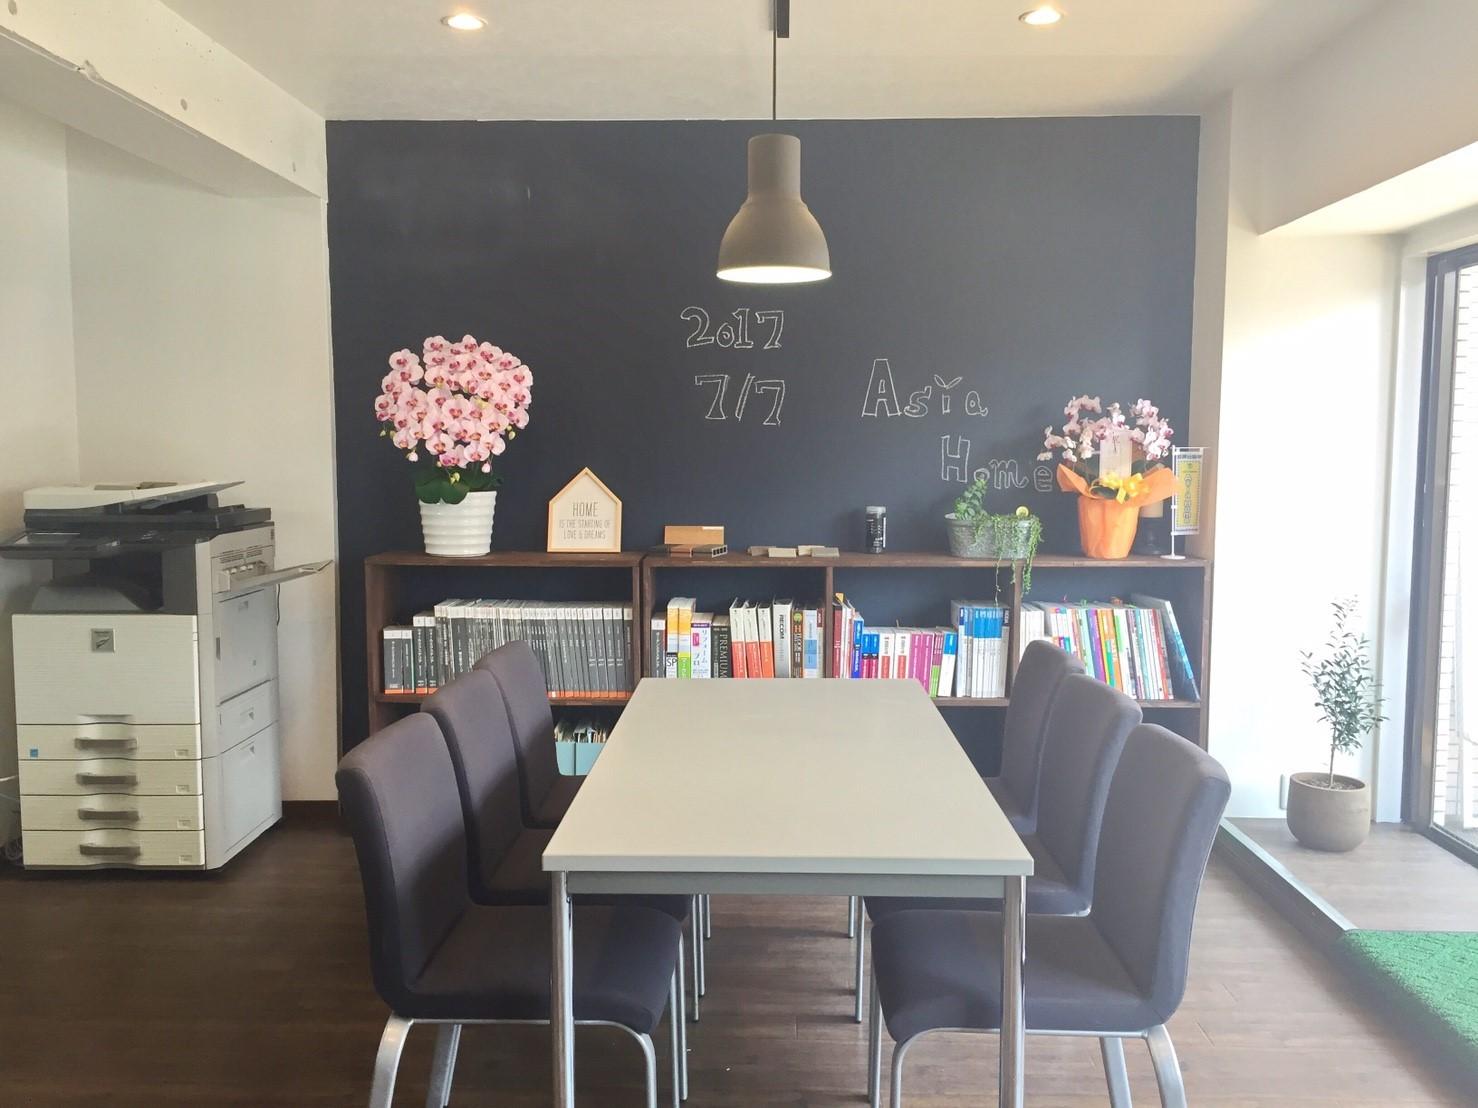 新オフィスの様子 木材の棚を作り、植物を置きました《 AsiaHome(エイジアホーム)会社移転》